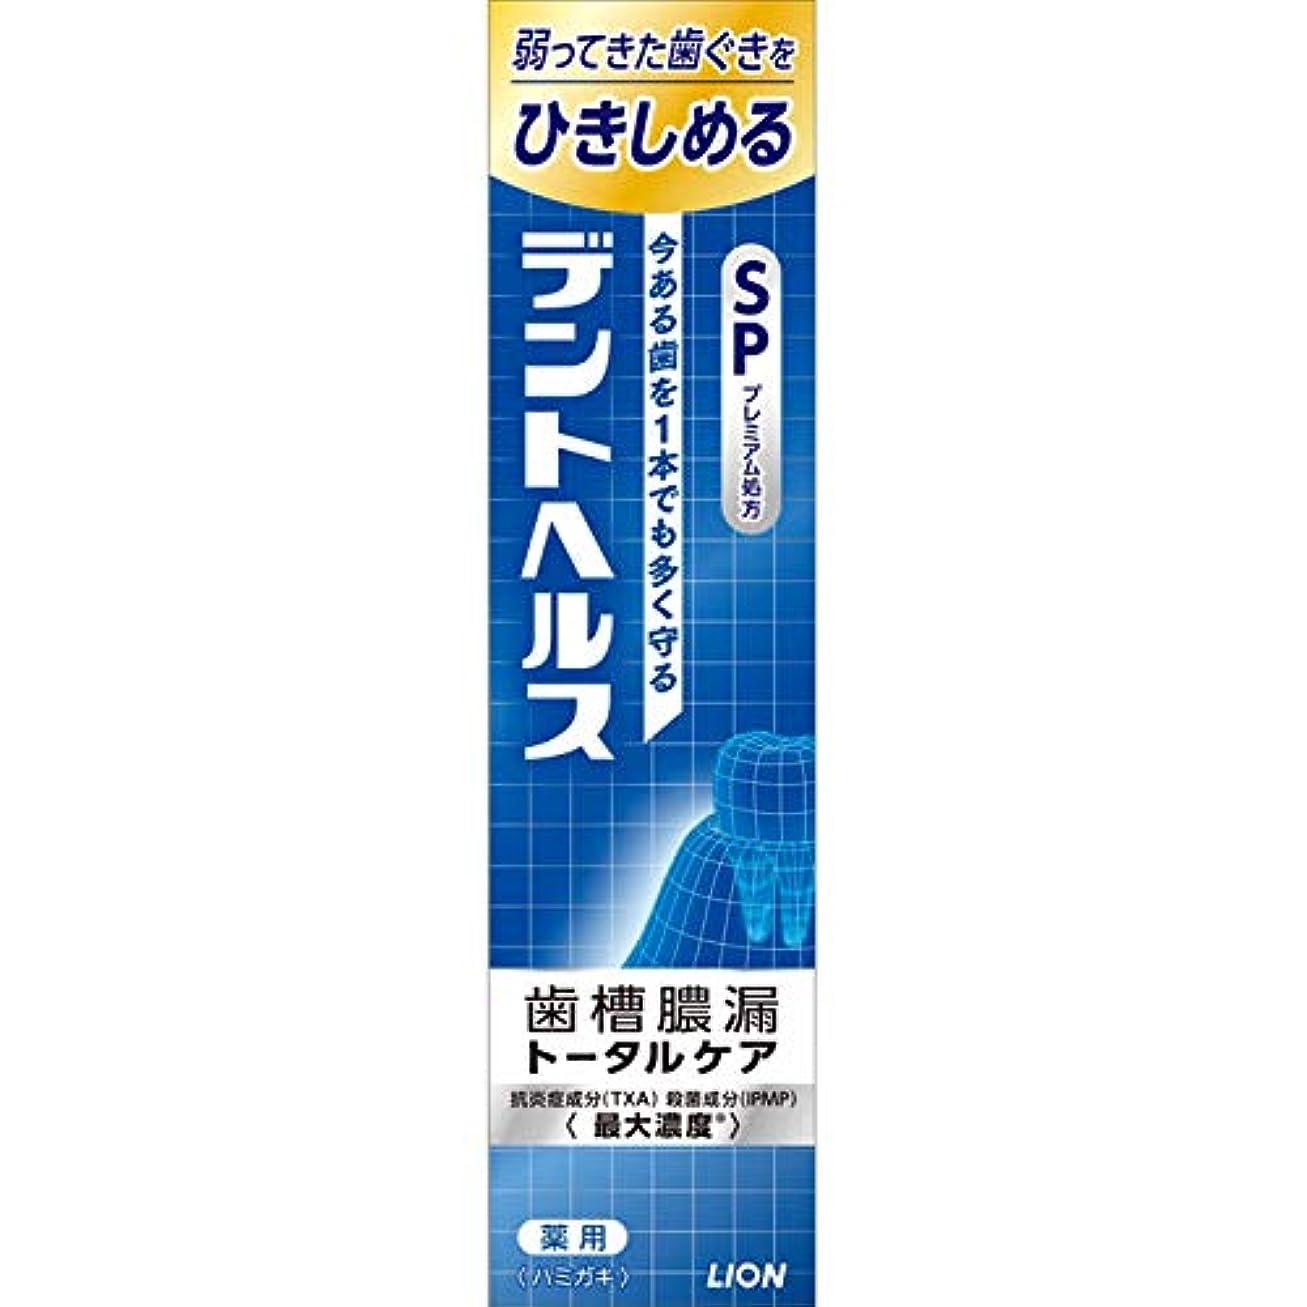 ショット素朴な教授ライオン デントヘルス 薬用ハミガキ SP 120g (医薬部外品)